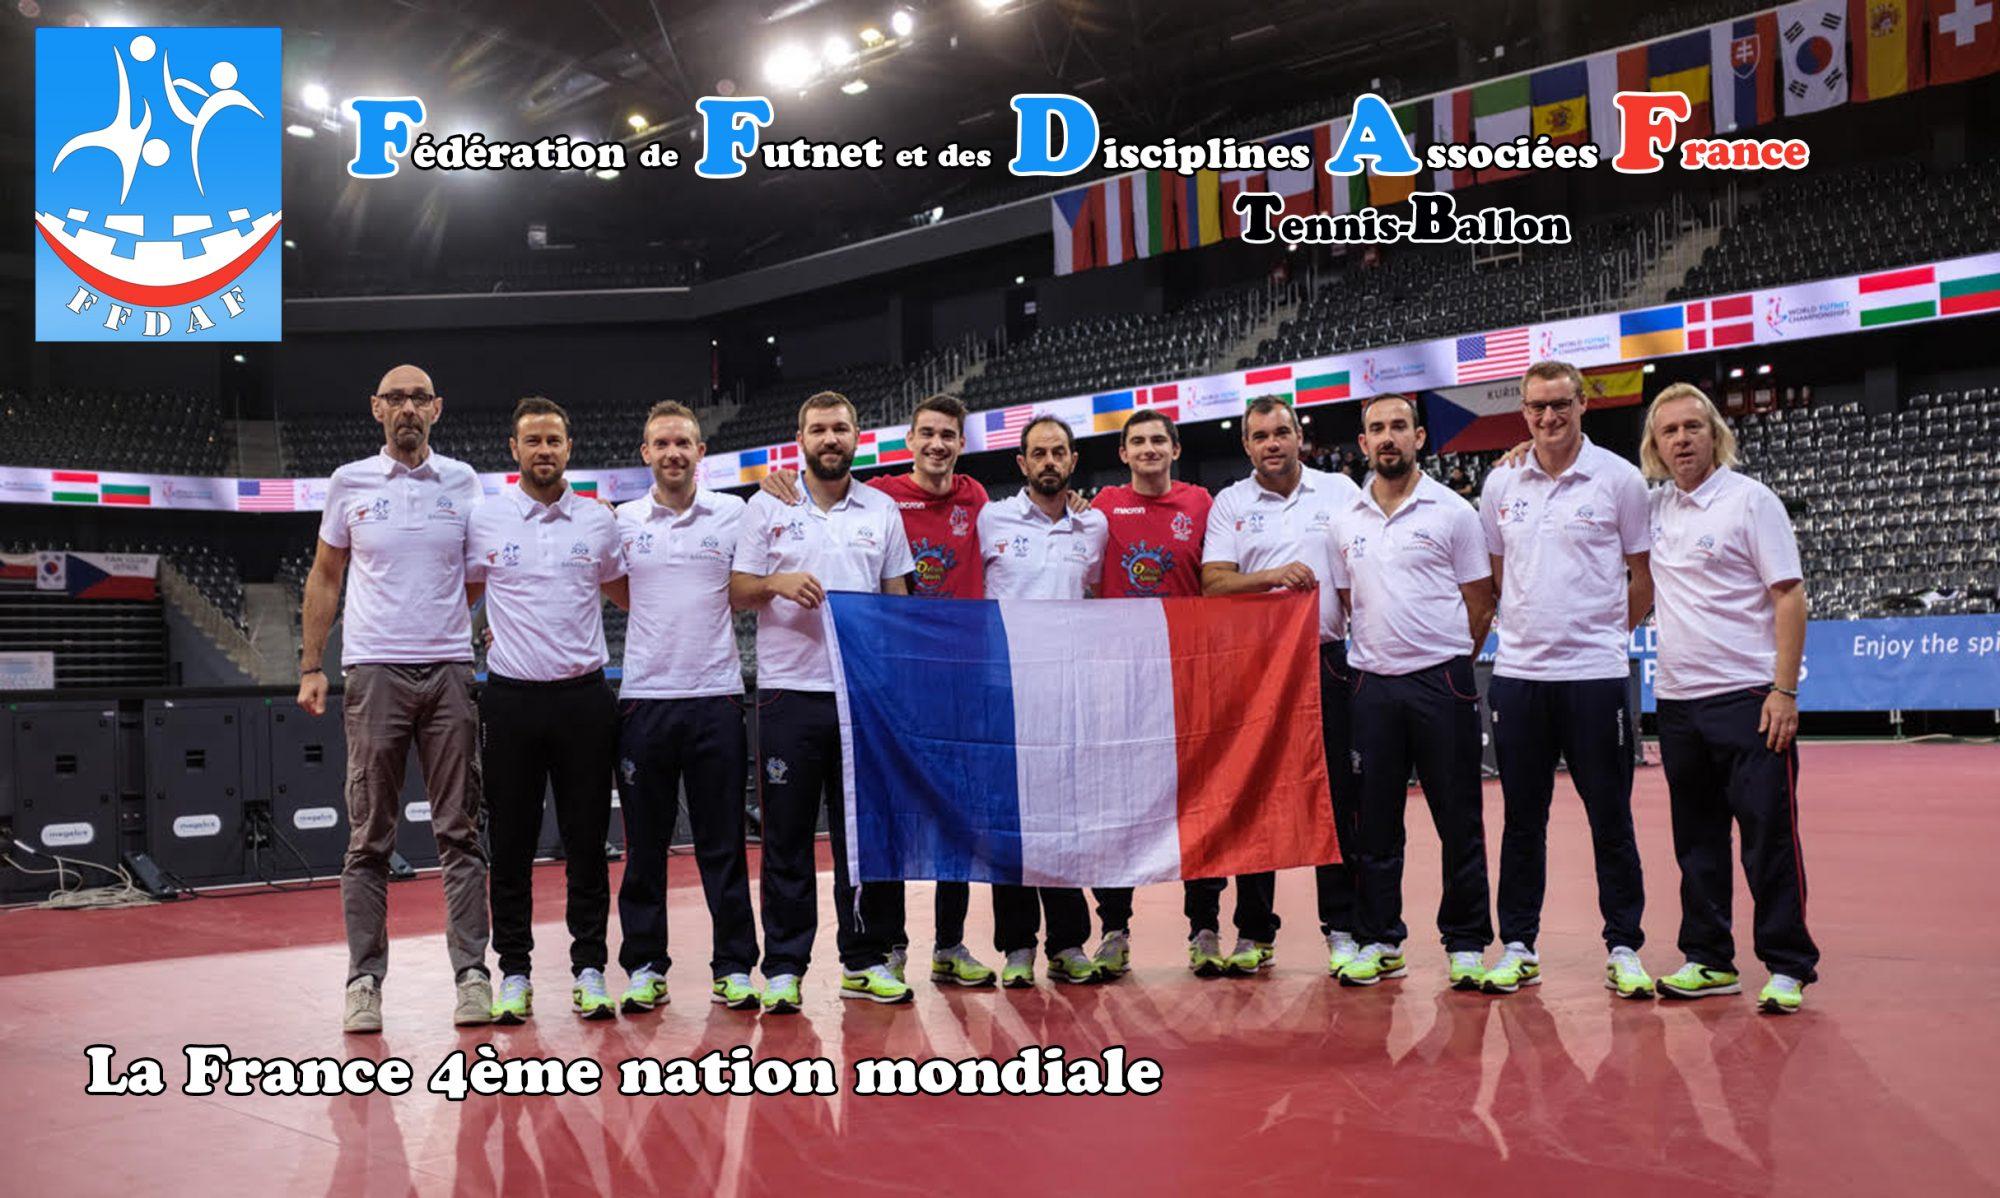 Fédération de Futnet France